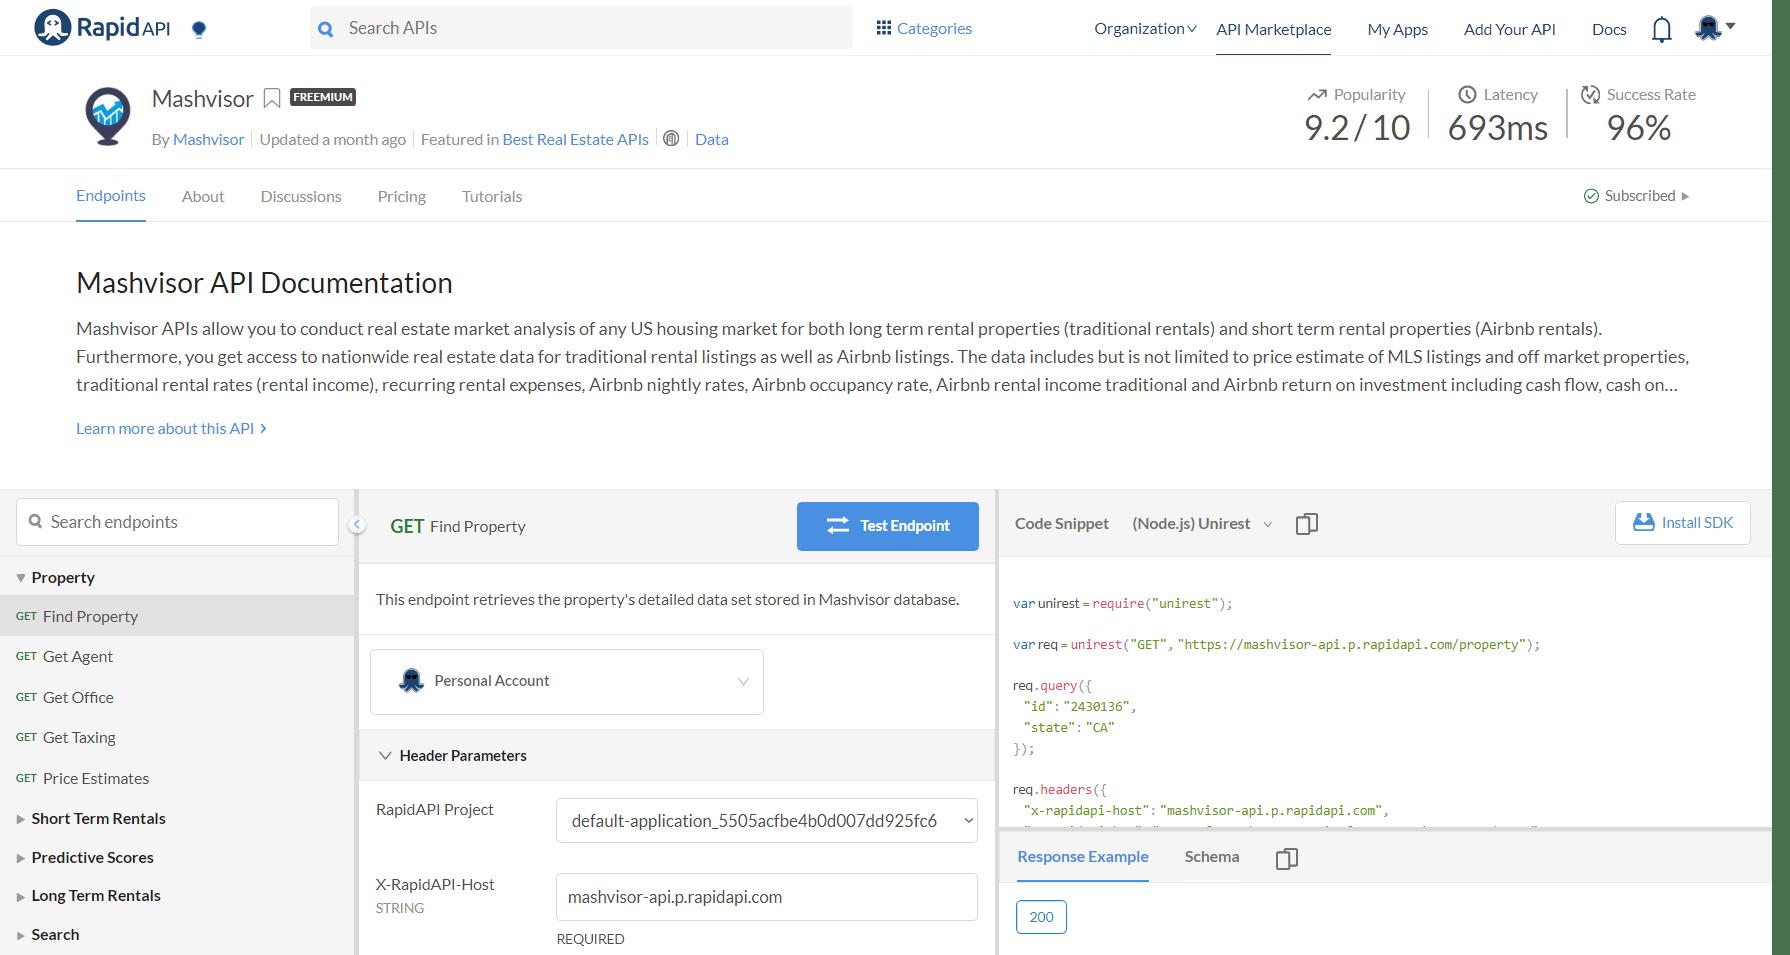 Mashvisor-API-Console